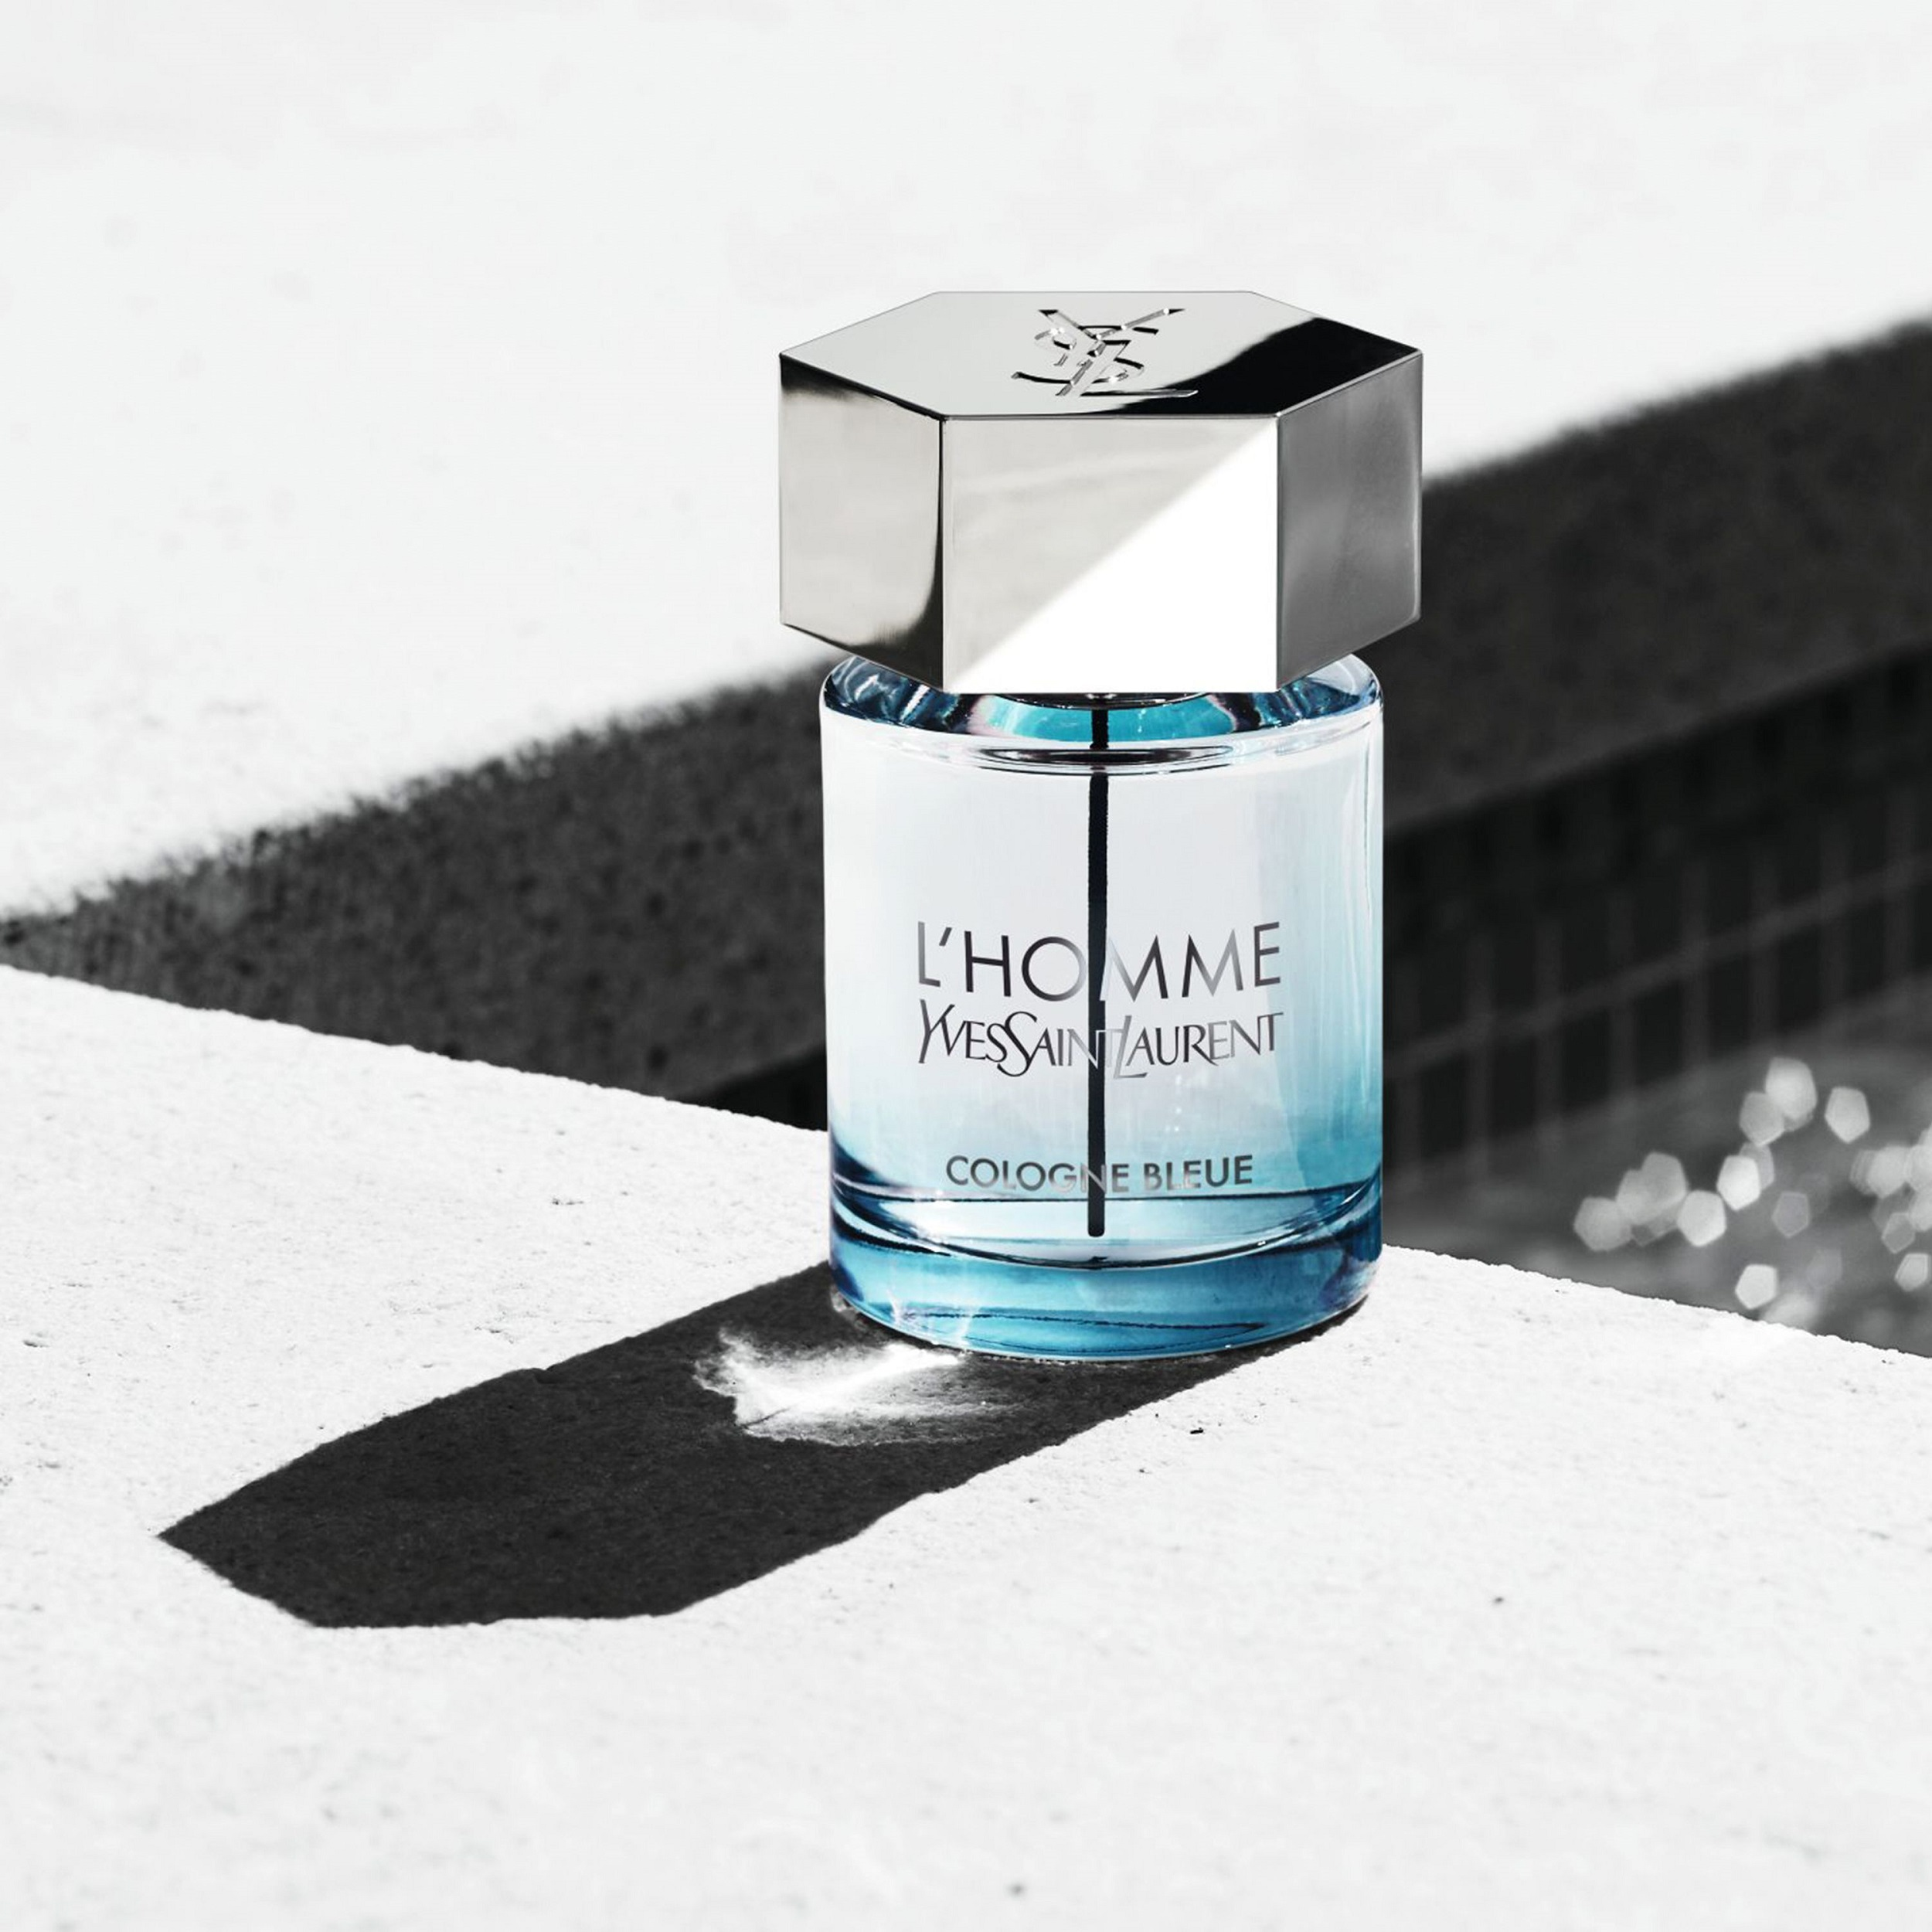 خرید اینترنتی ادو تویلت مردانه ایو سن لوران مدل L'Homme Cologne Bleue حجم 100 میلی لیتر اورجینال